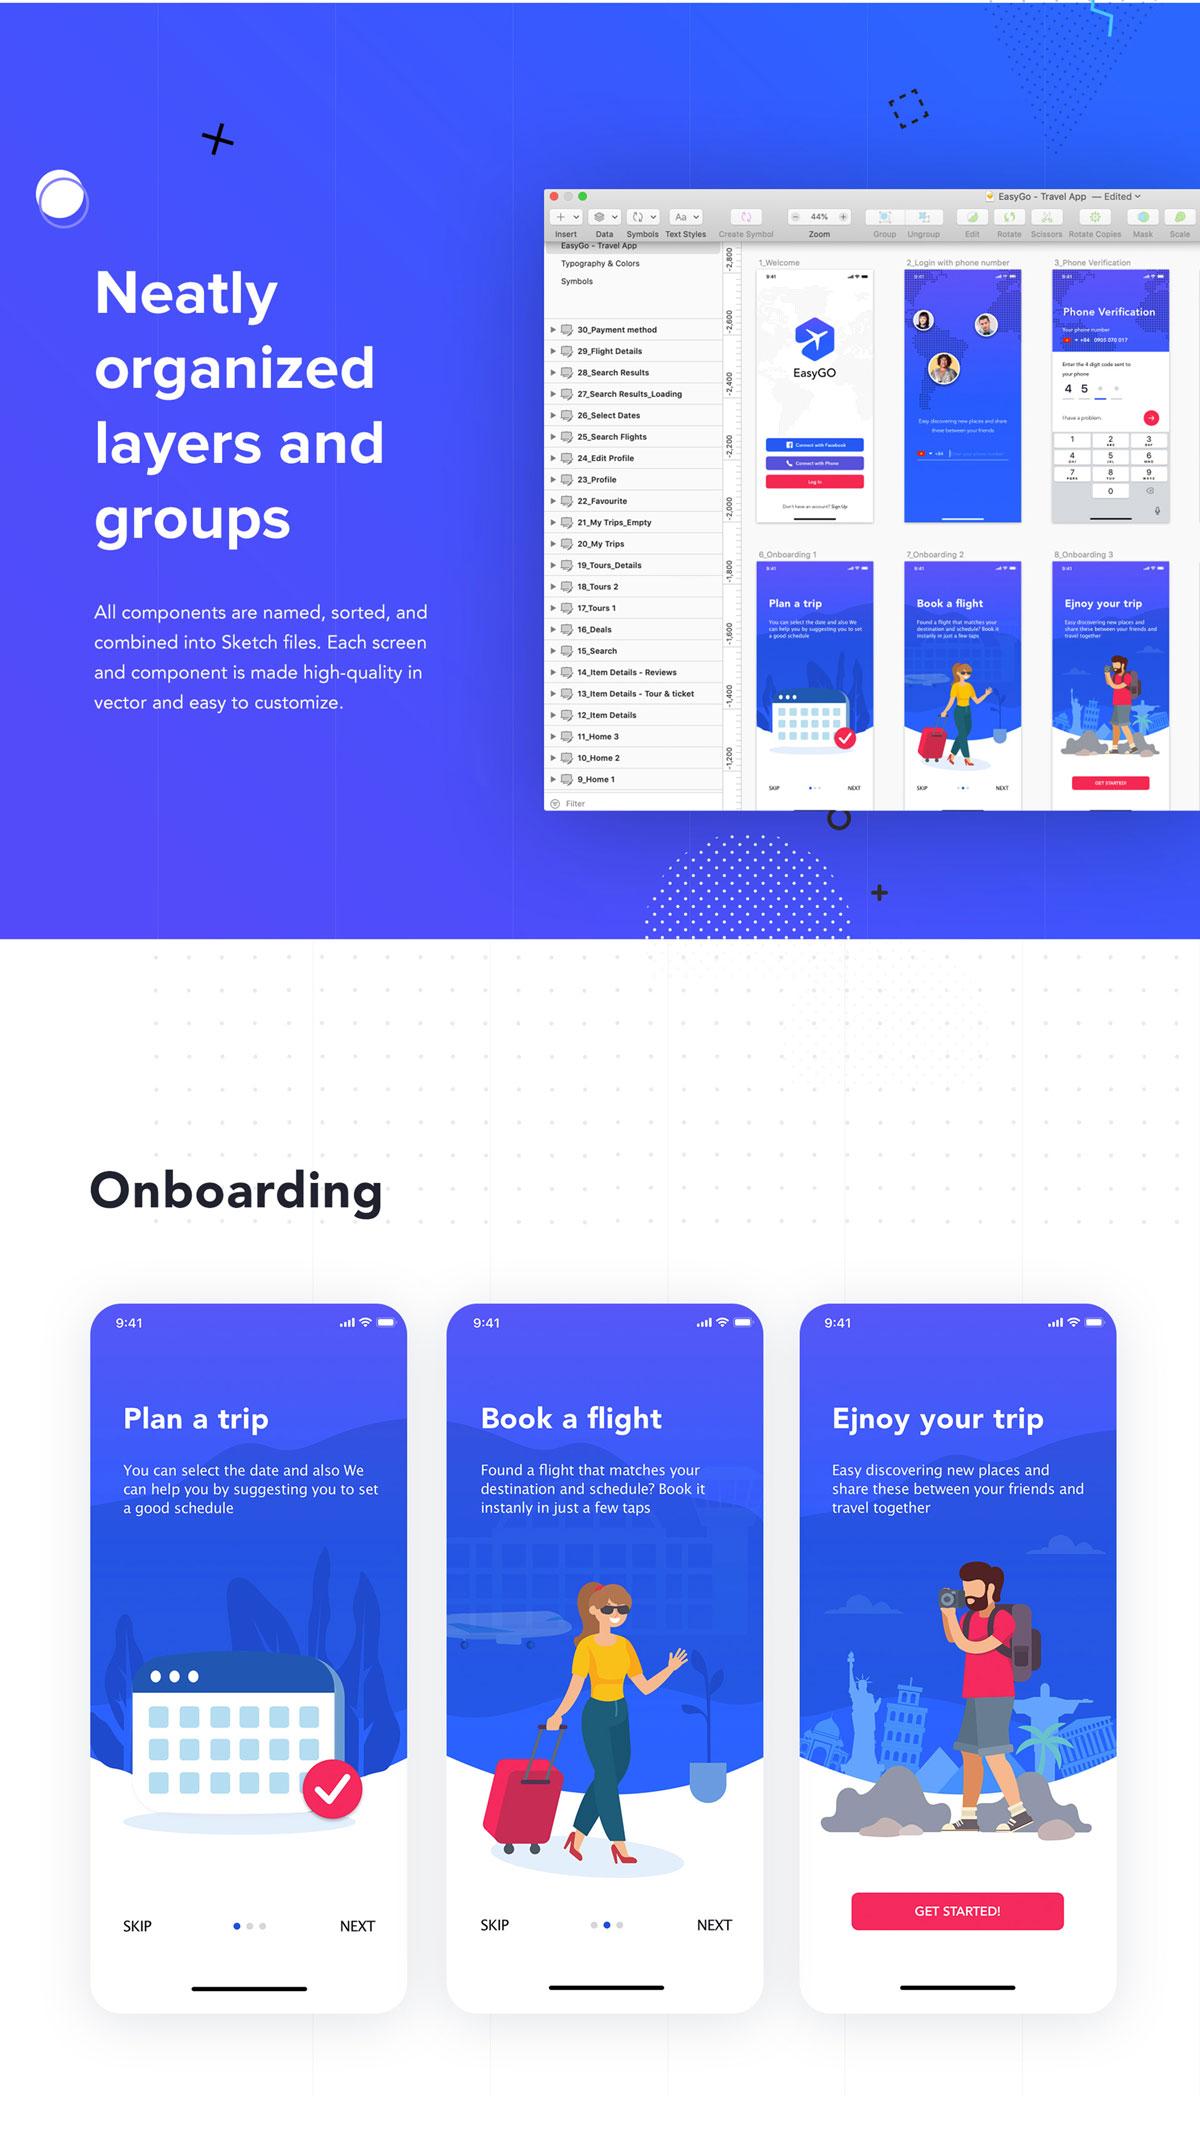 旅行票务酒店预订APP应用程序UI界面设计套件 EasyGo – Travel App UI Kit插图(1)